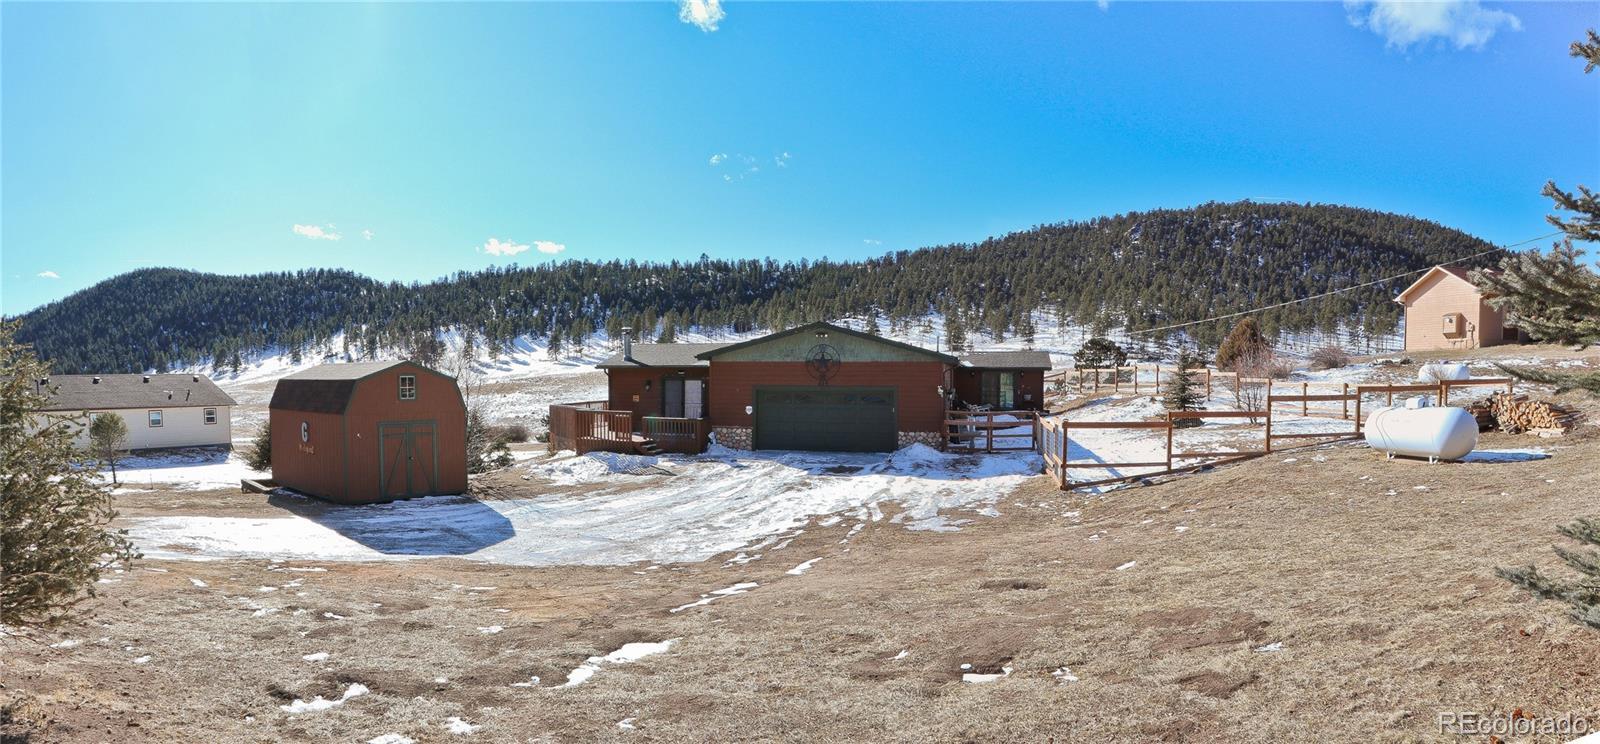 614 Meadowview Drive, Estes Park, CO 80517 - Estes Park, CO real estate listing